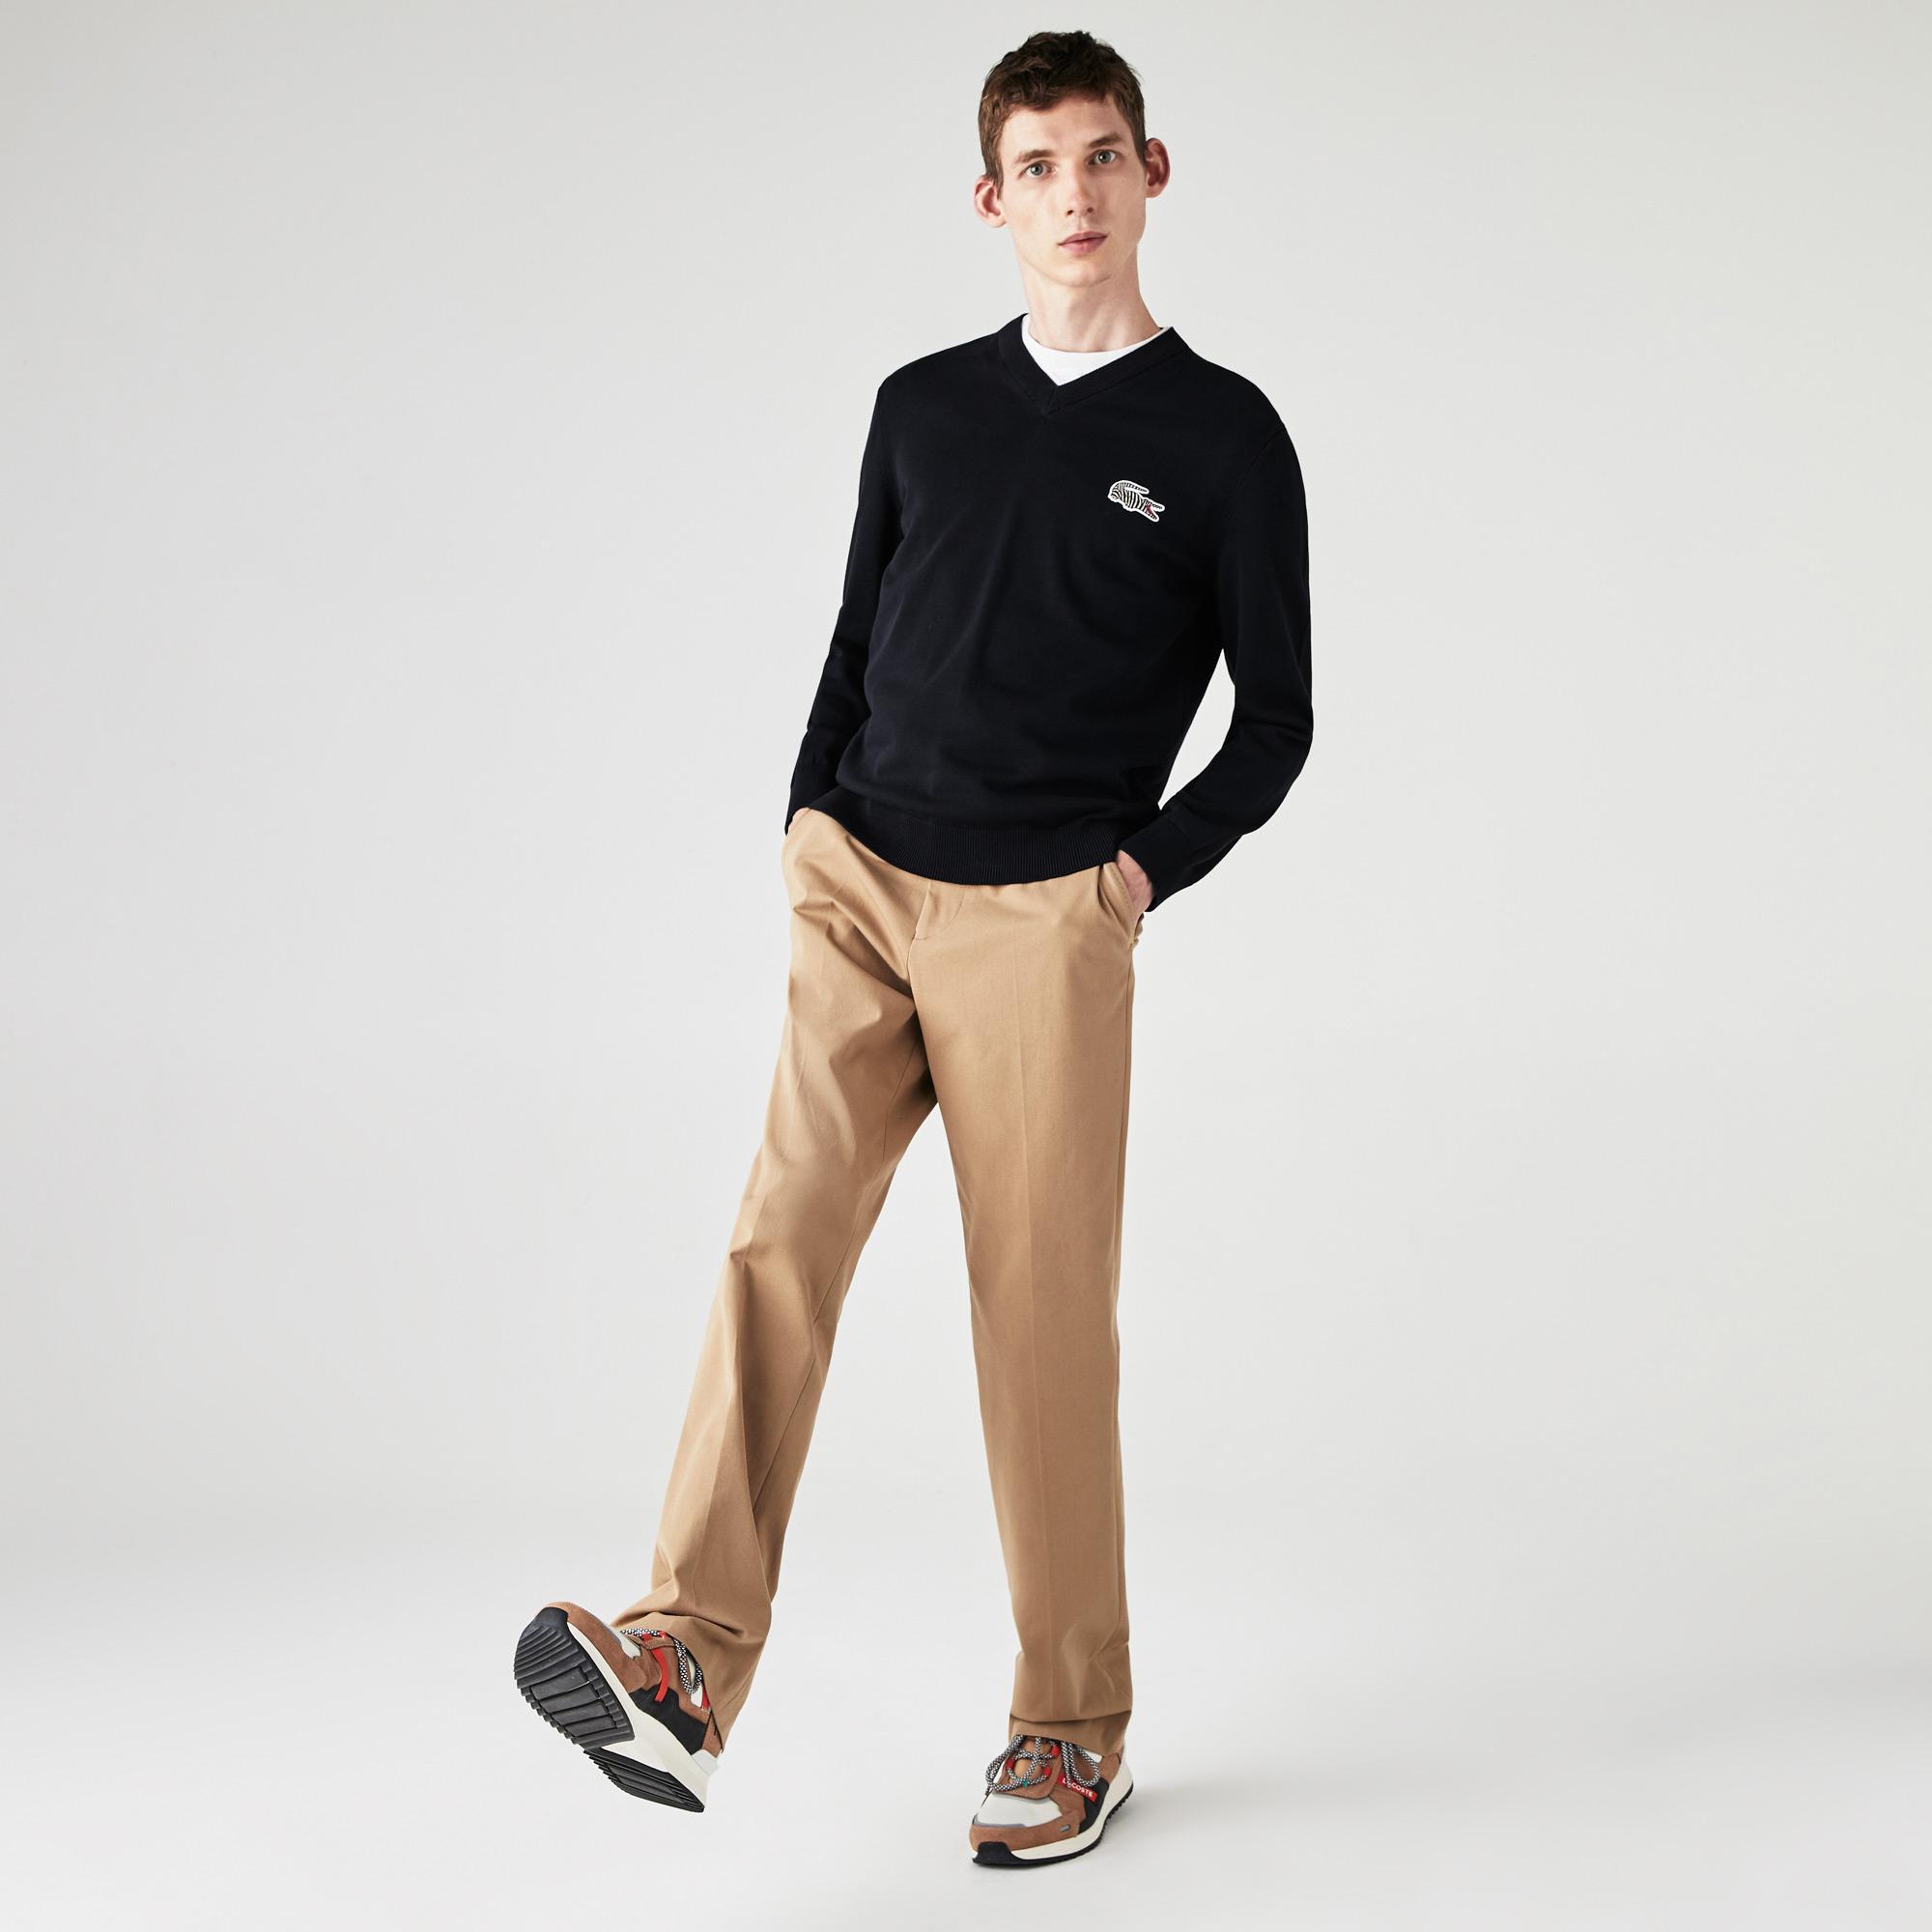 Lacoste x National Geographic Męski Bawełniany Sweter Z Dekoltem W Kształcie Litery V